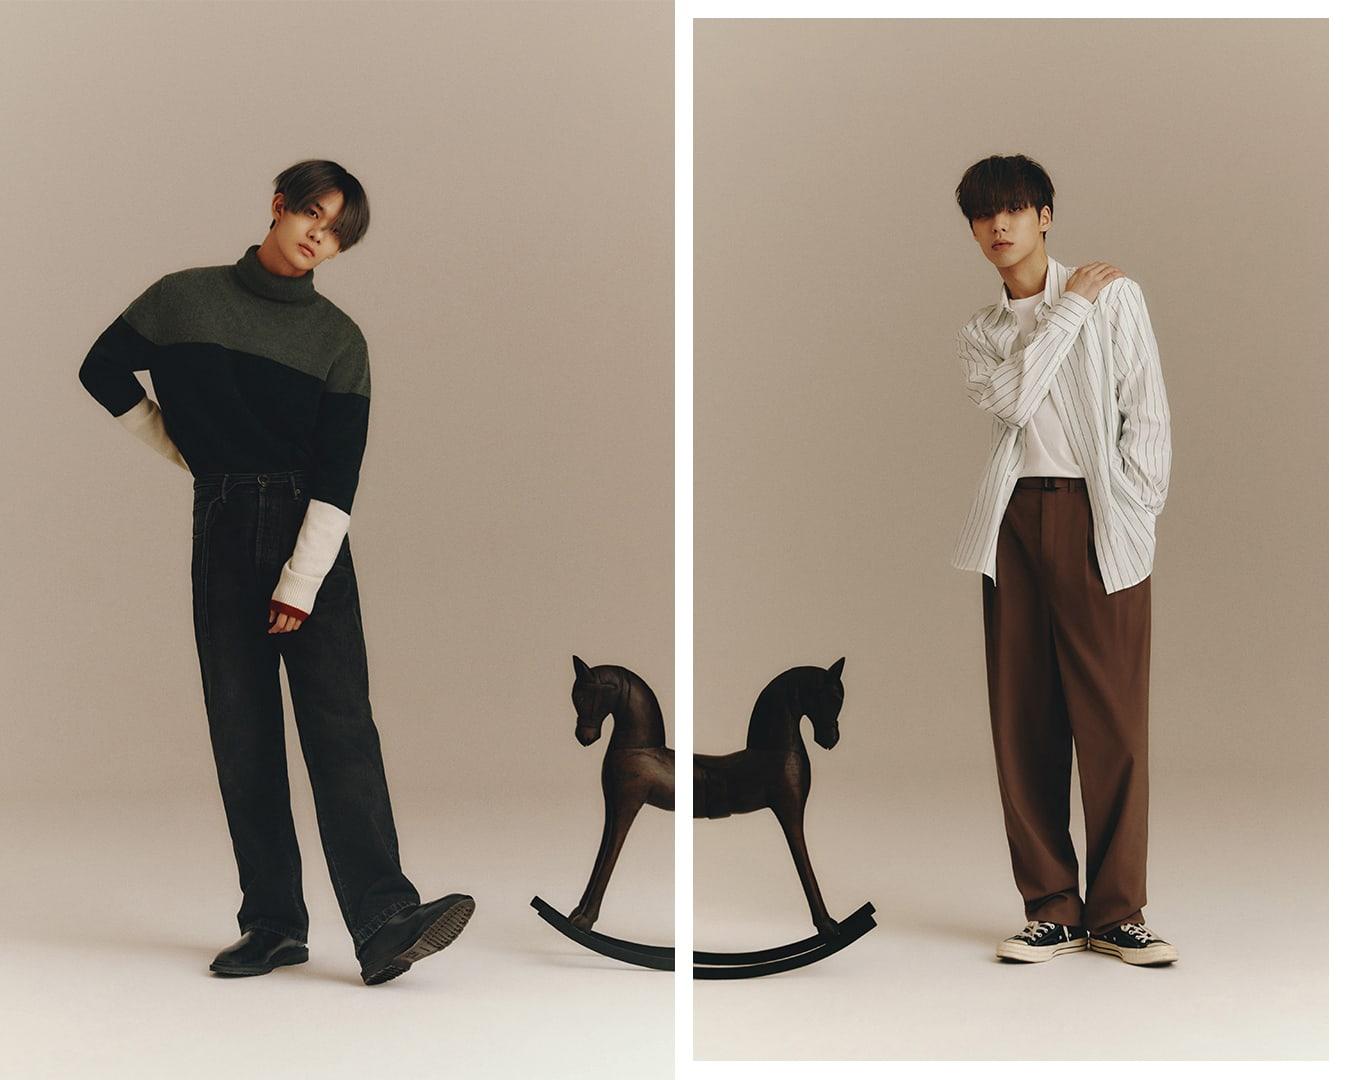 韩国男团组合CIX裴珍映和李炳坤谈论新专辑回归准备和他们不同的个性